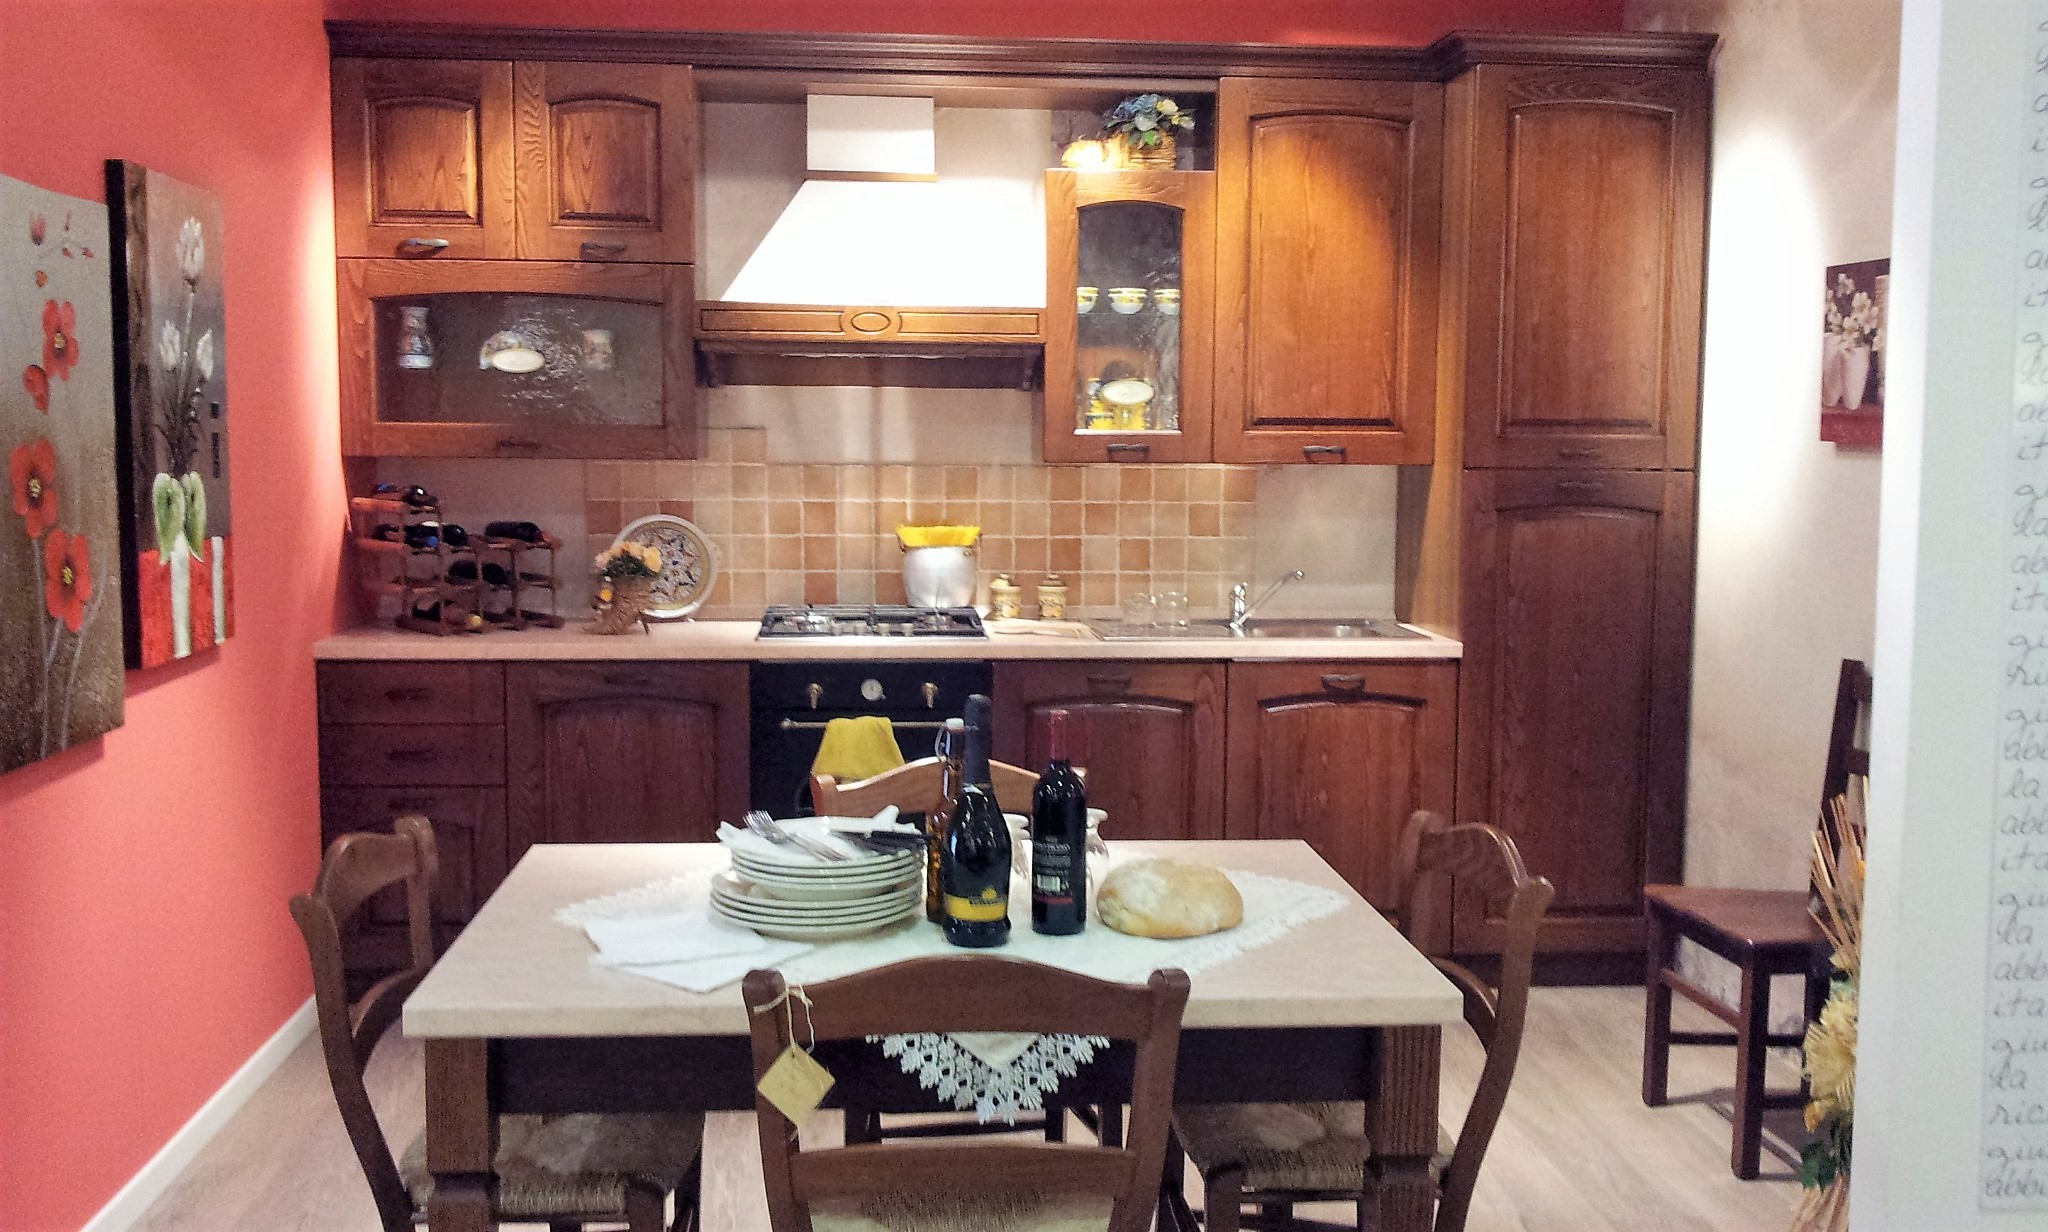 Stosa Cucine Cucina Focolare Di Stosa Cucine Scontato Del  52 %  #9B5130 2048 1232 Immagini Di Cucine Stile Americano